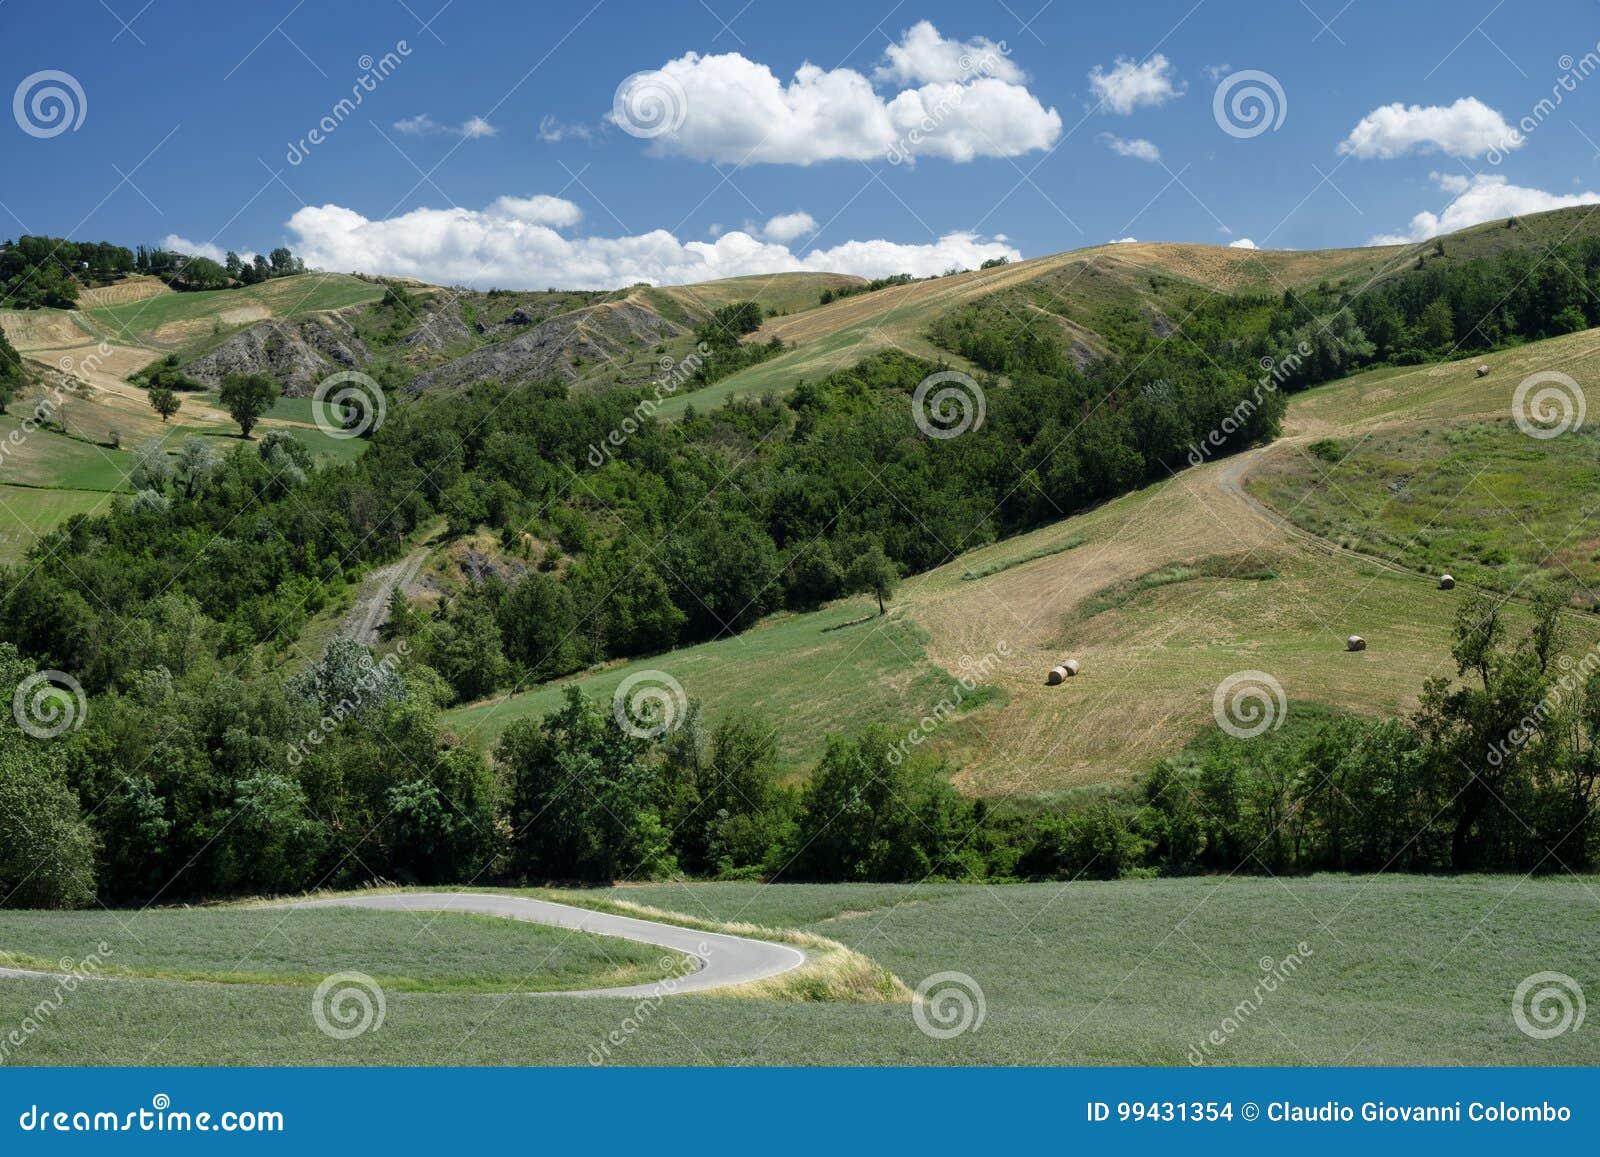 Rivalta di Lesignano Parma, Italy: summer landscape